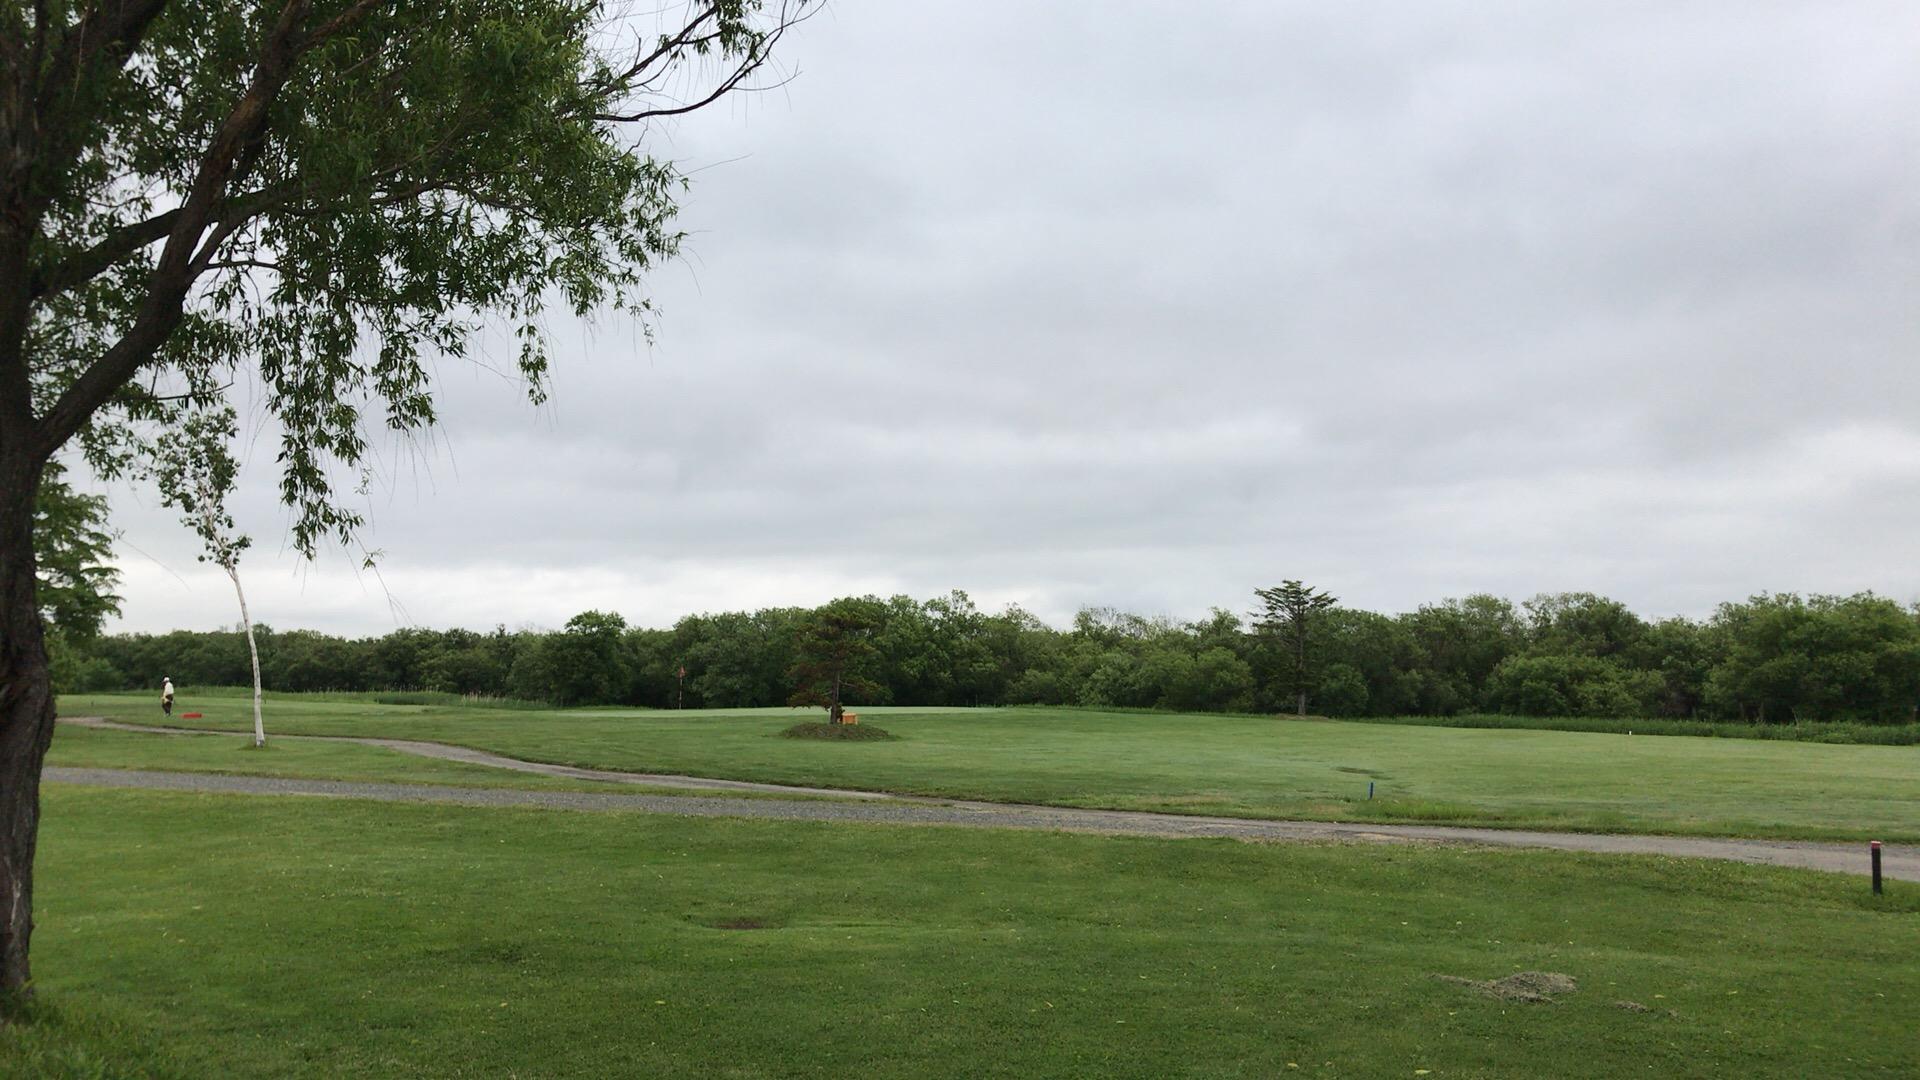 ニューしのつゴルフ場で脱力練習ラウンド